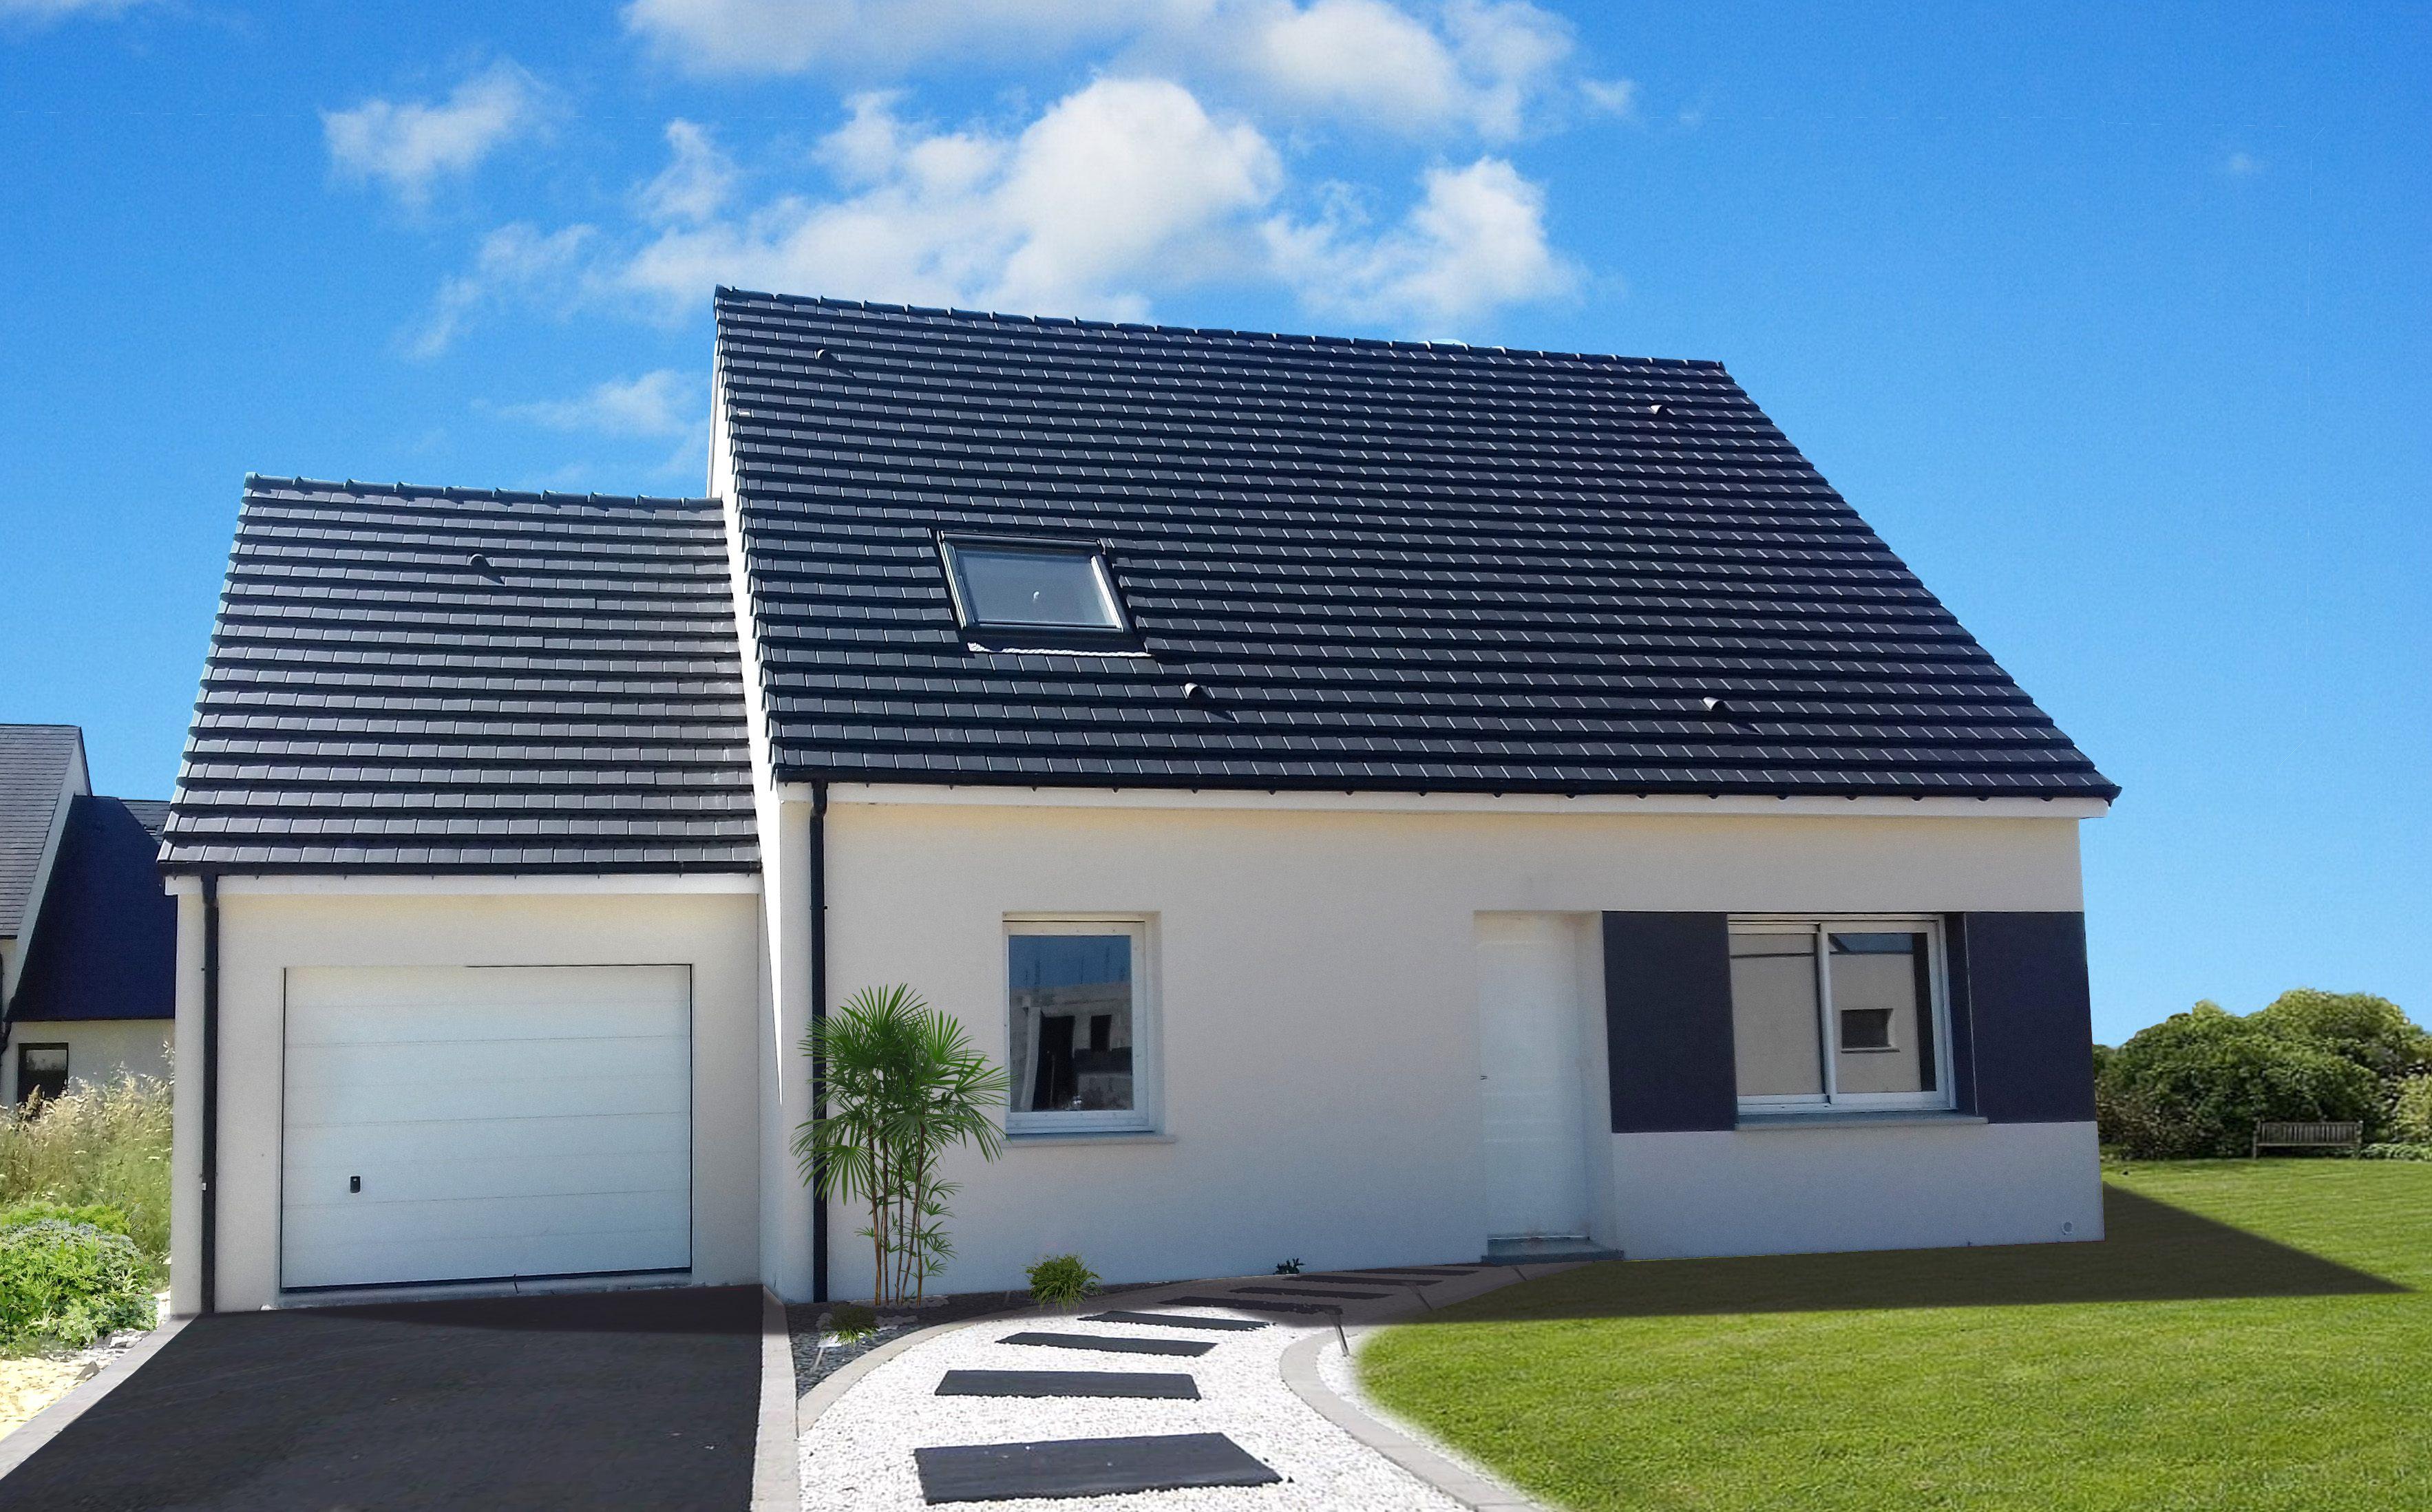 Maisons + Terrains du constructeur Maison Familiale Tours • 110 m² • CERELLES